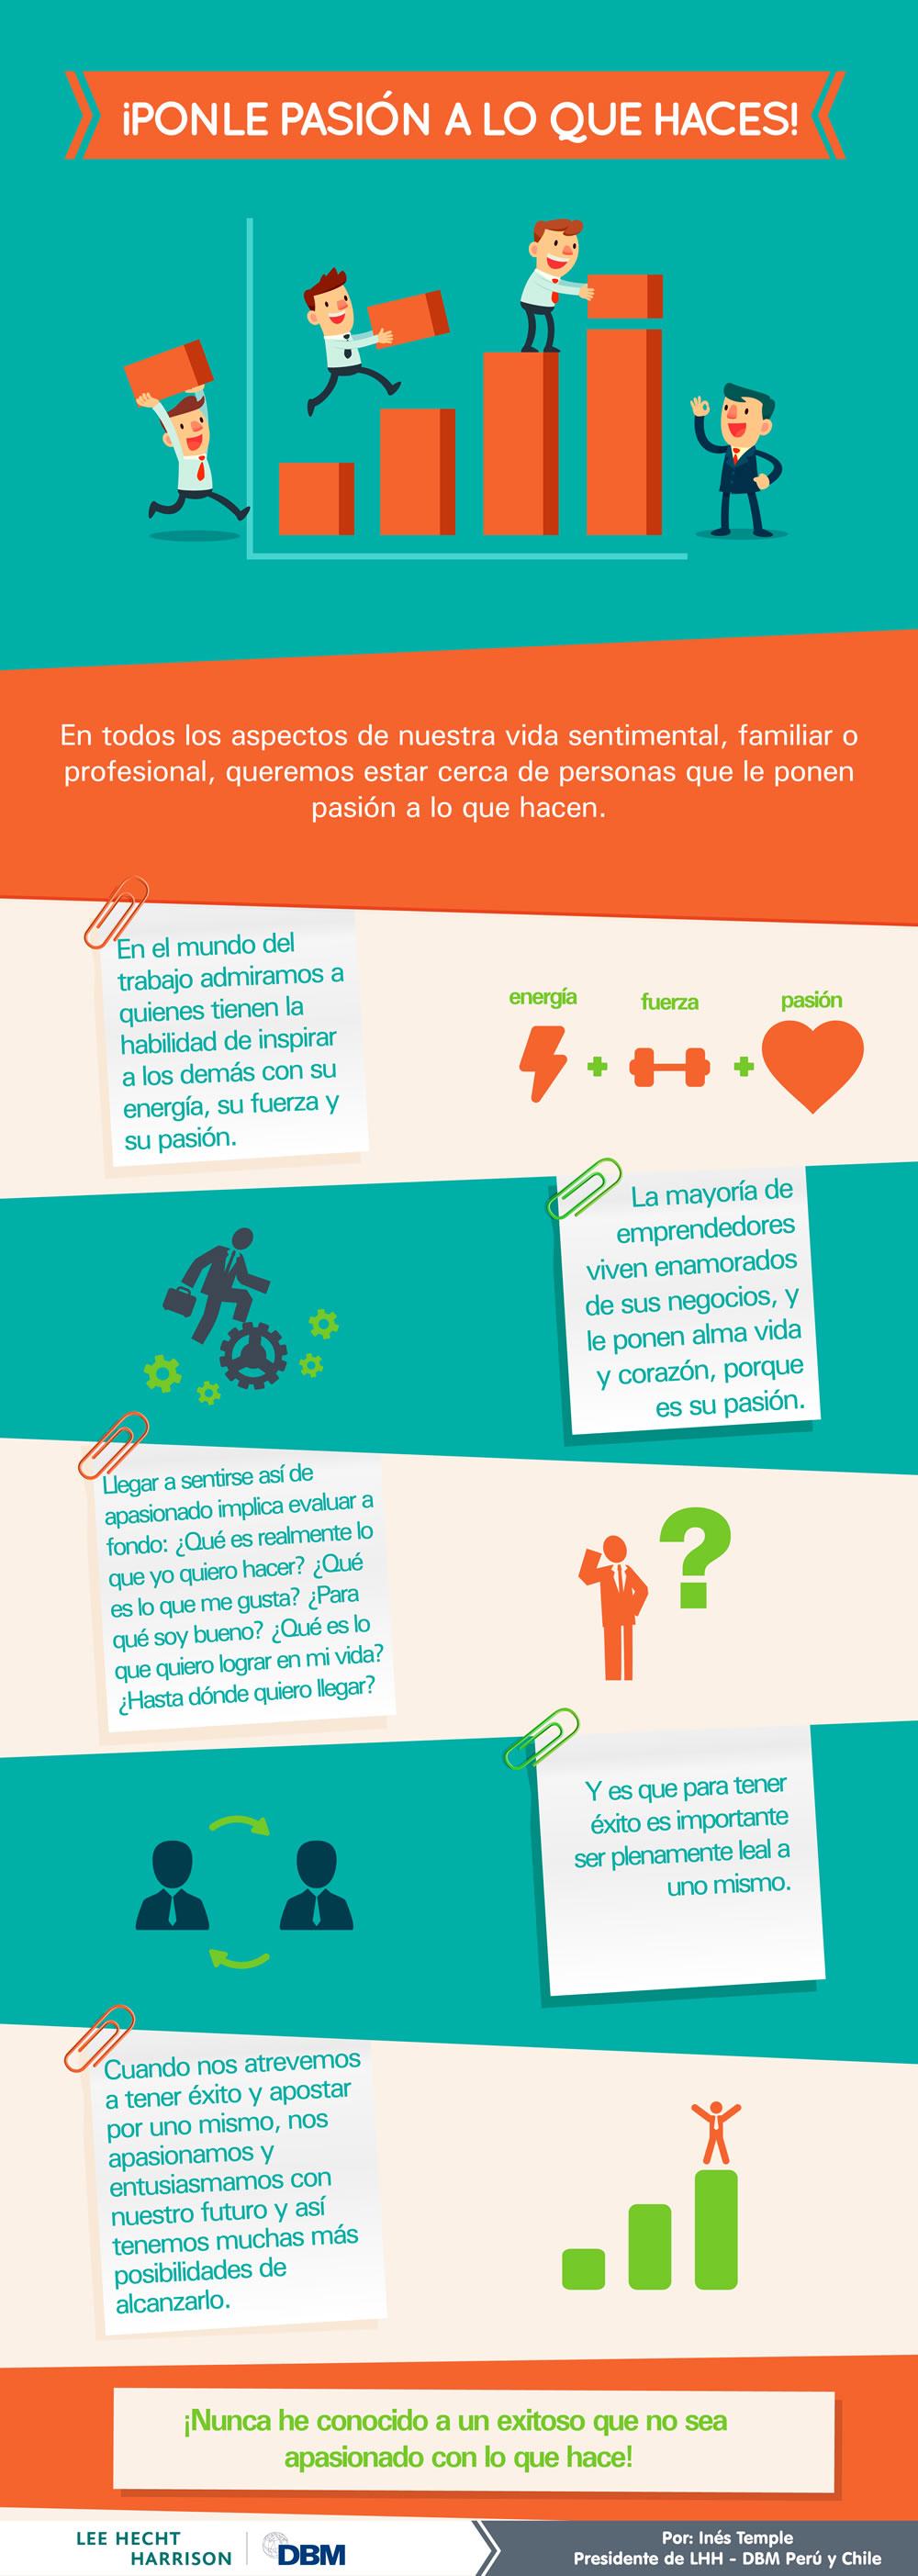 infografia-ponle-pasion-a-lo-que-haces